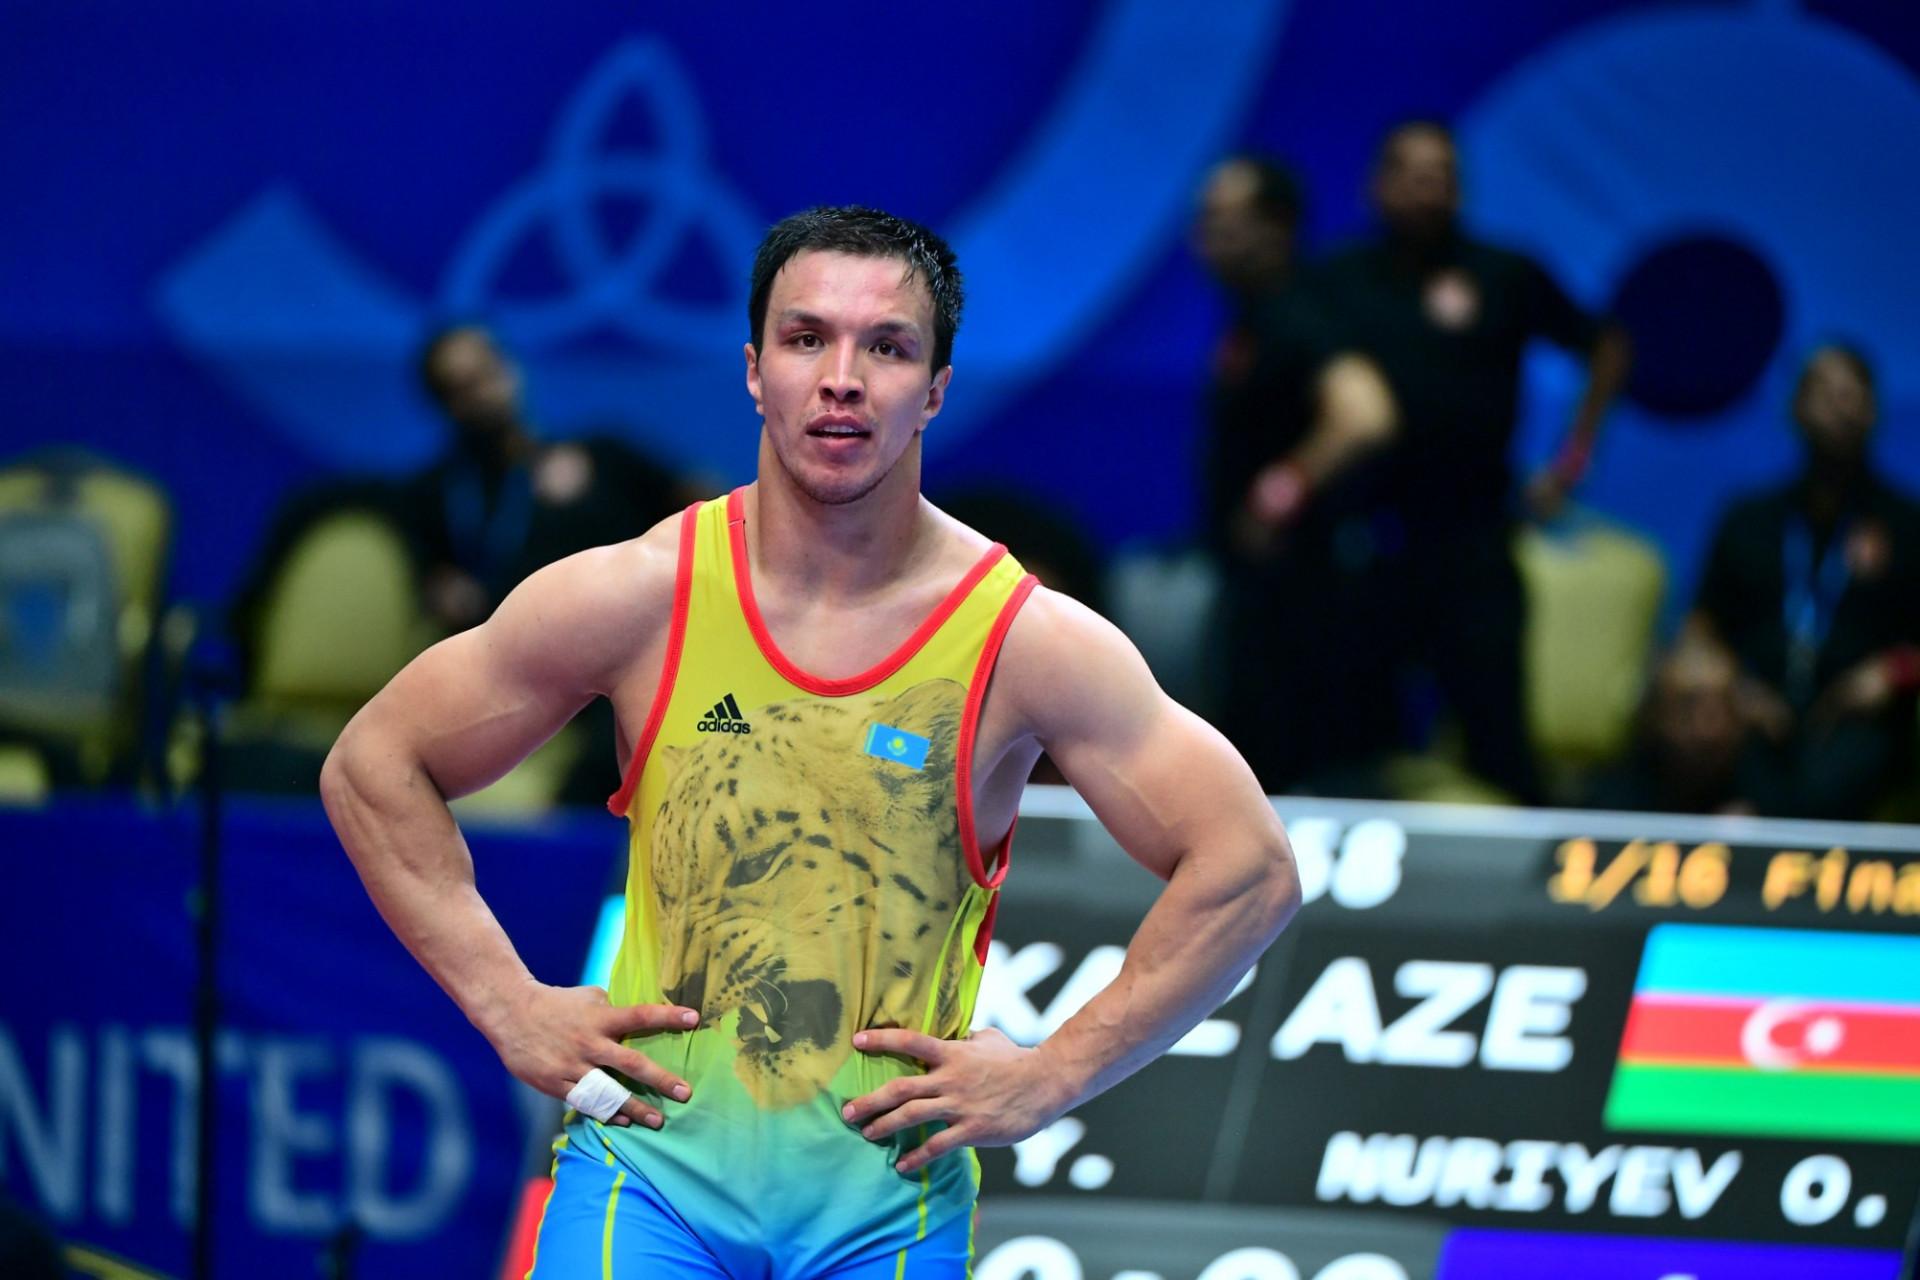 Кто победил на чемпионате Казахстана по греко-римской борьбе